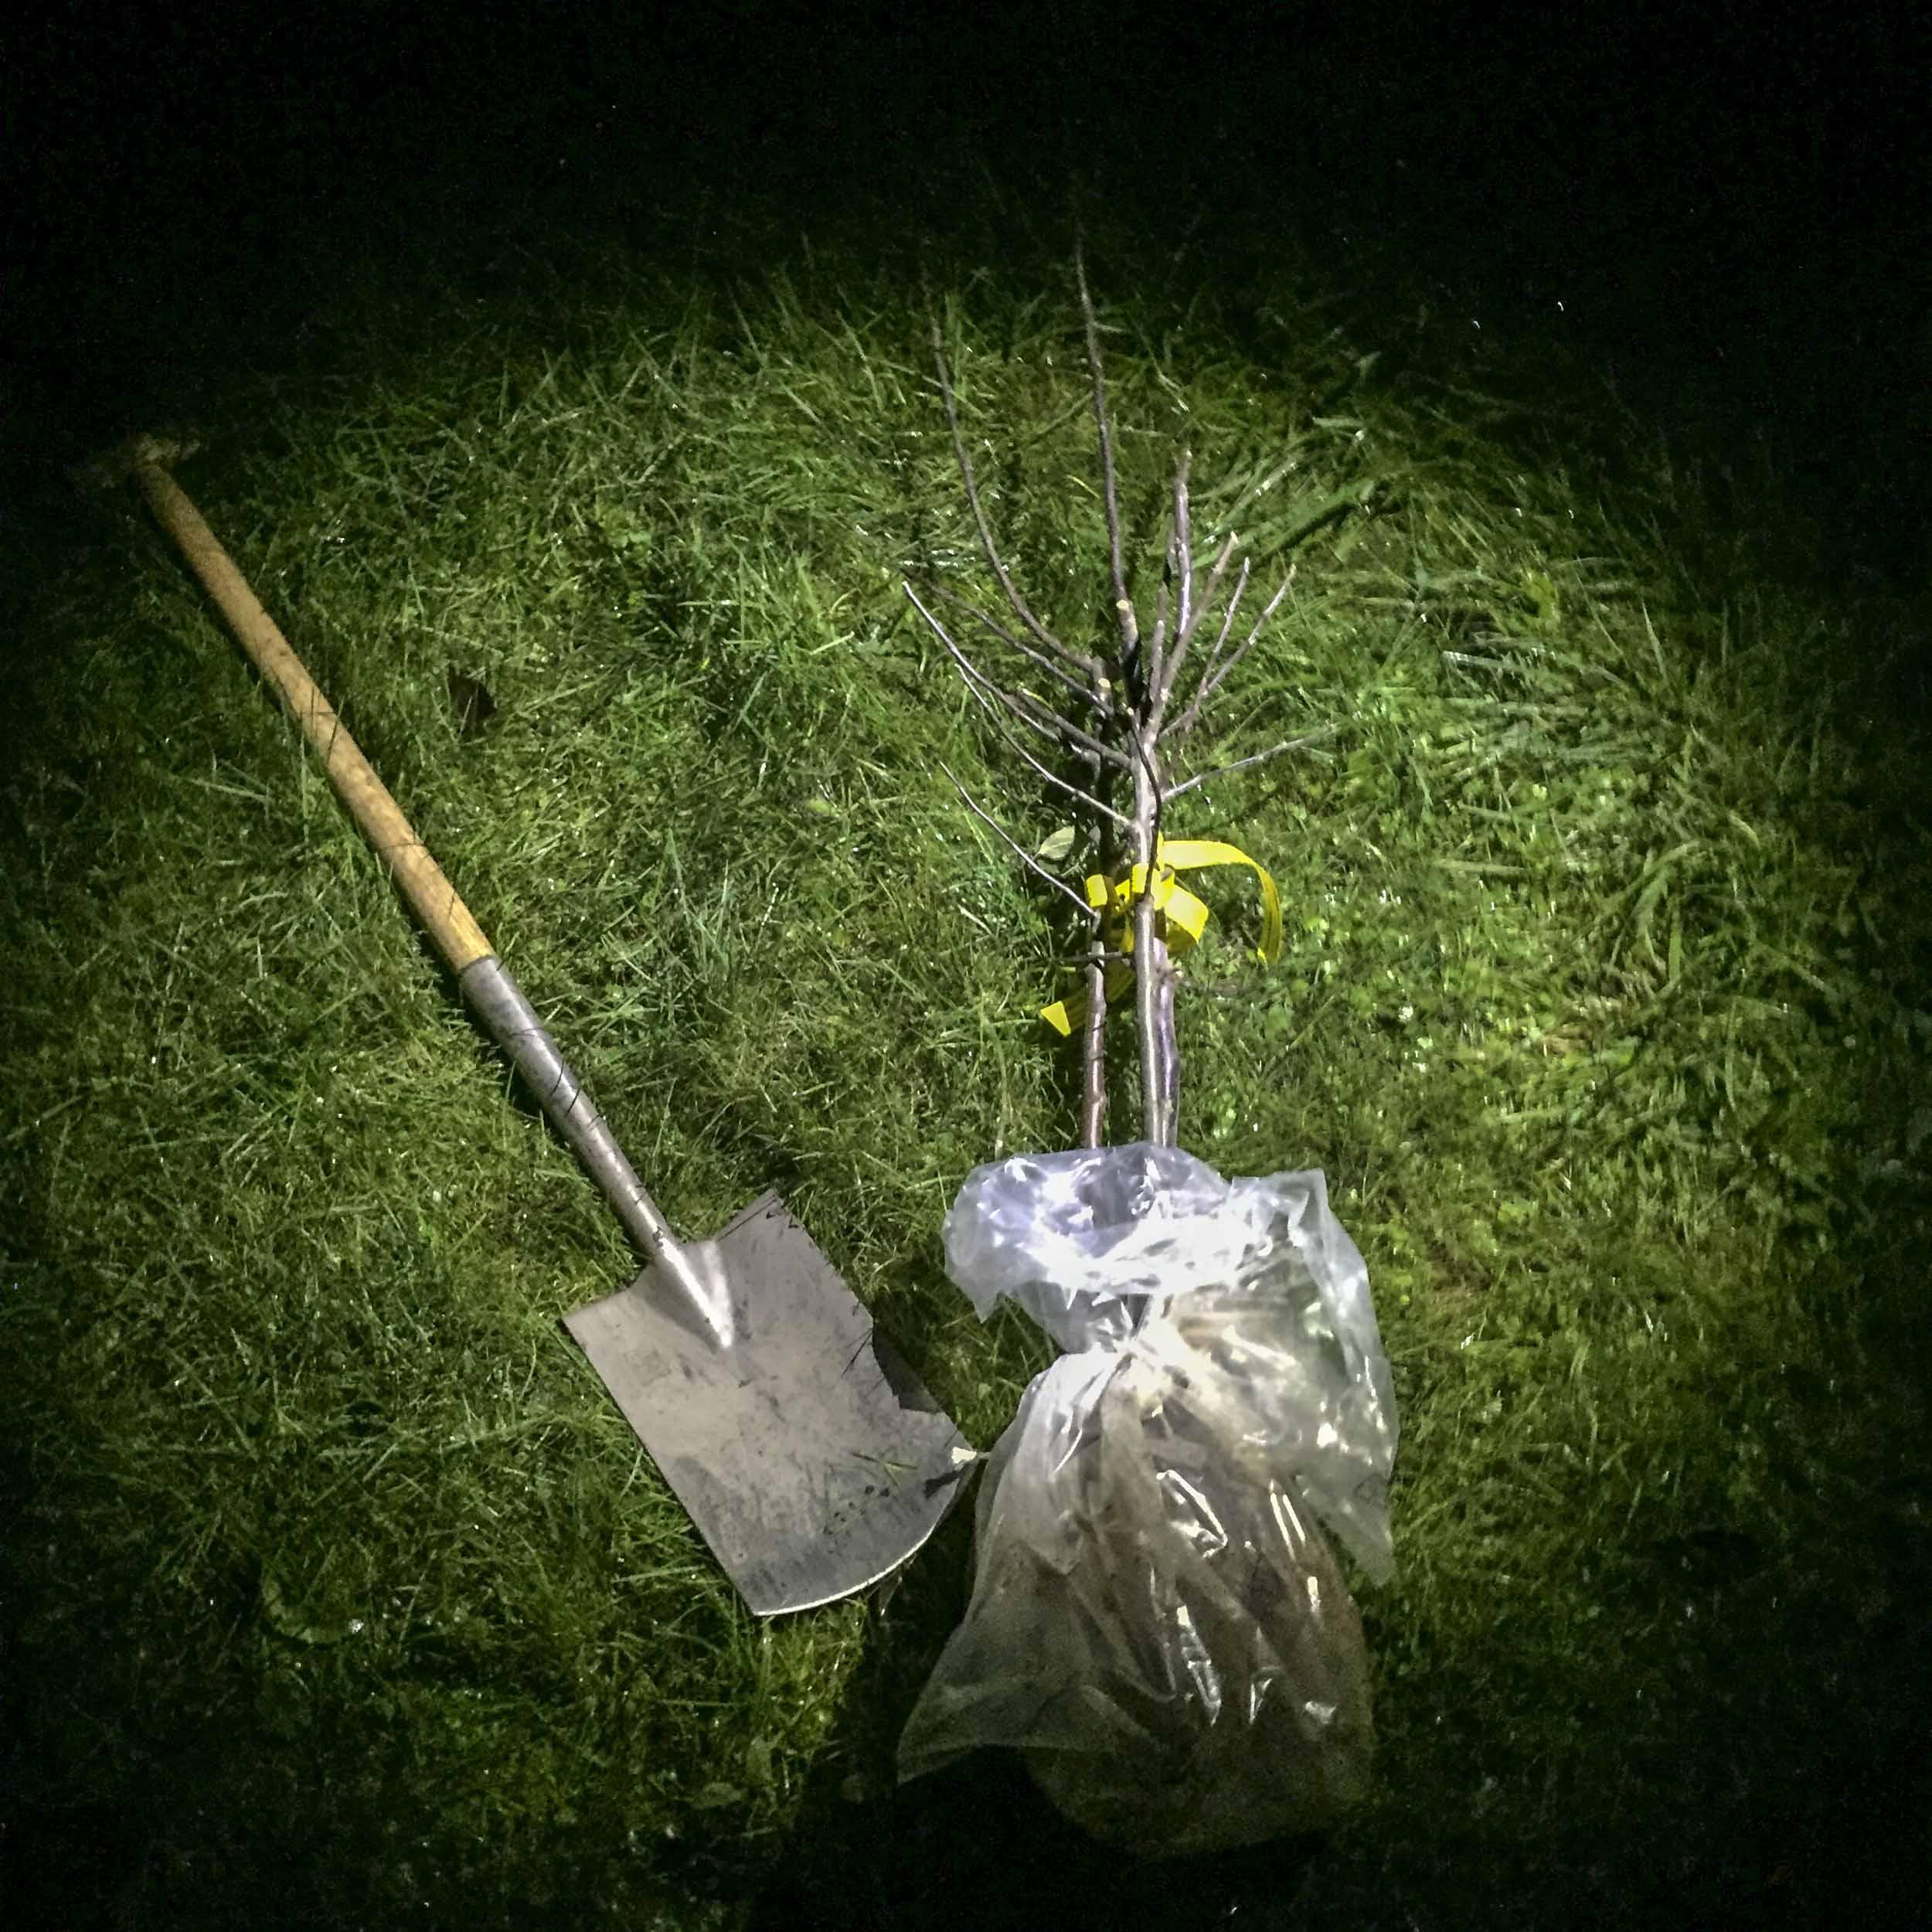 Apfelbäume pflanzen: Ein Apfelbaum, noch in Folie verpackt, liegt neben einem Spaten auf dem Rasen.